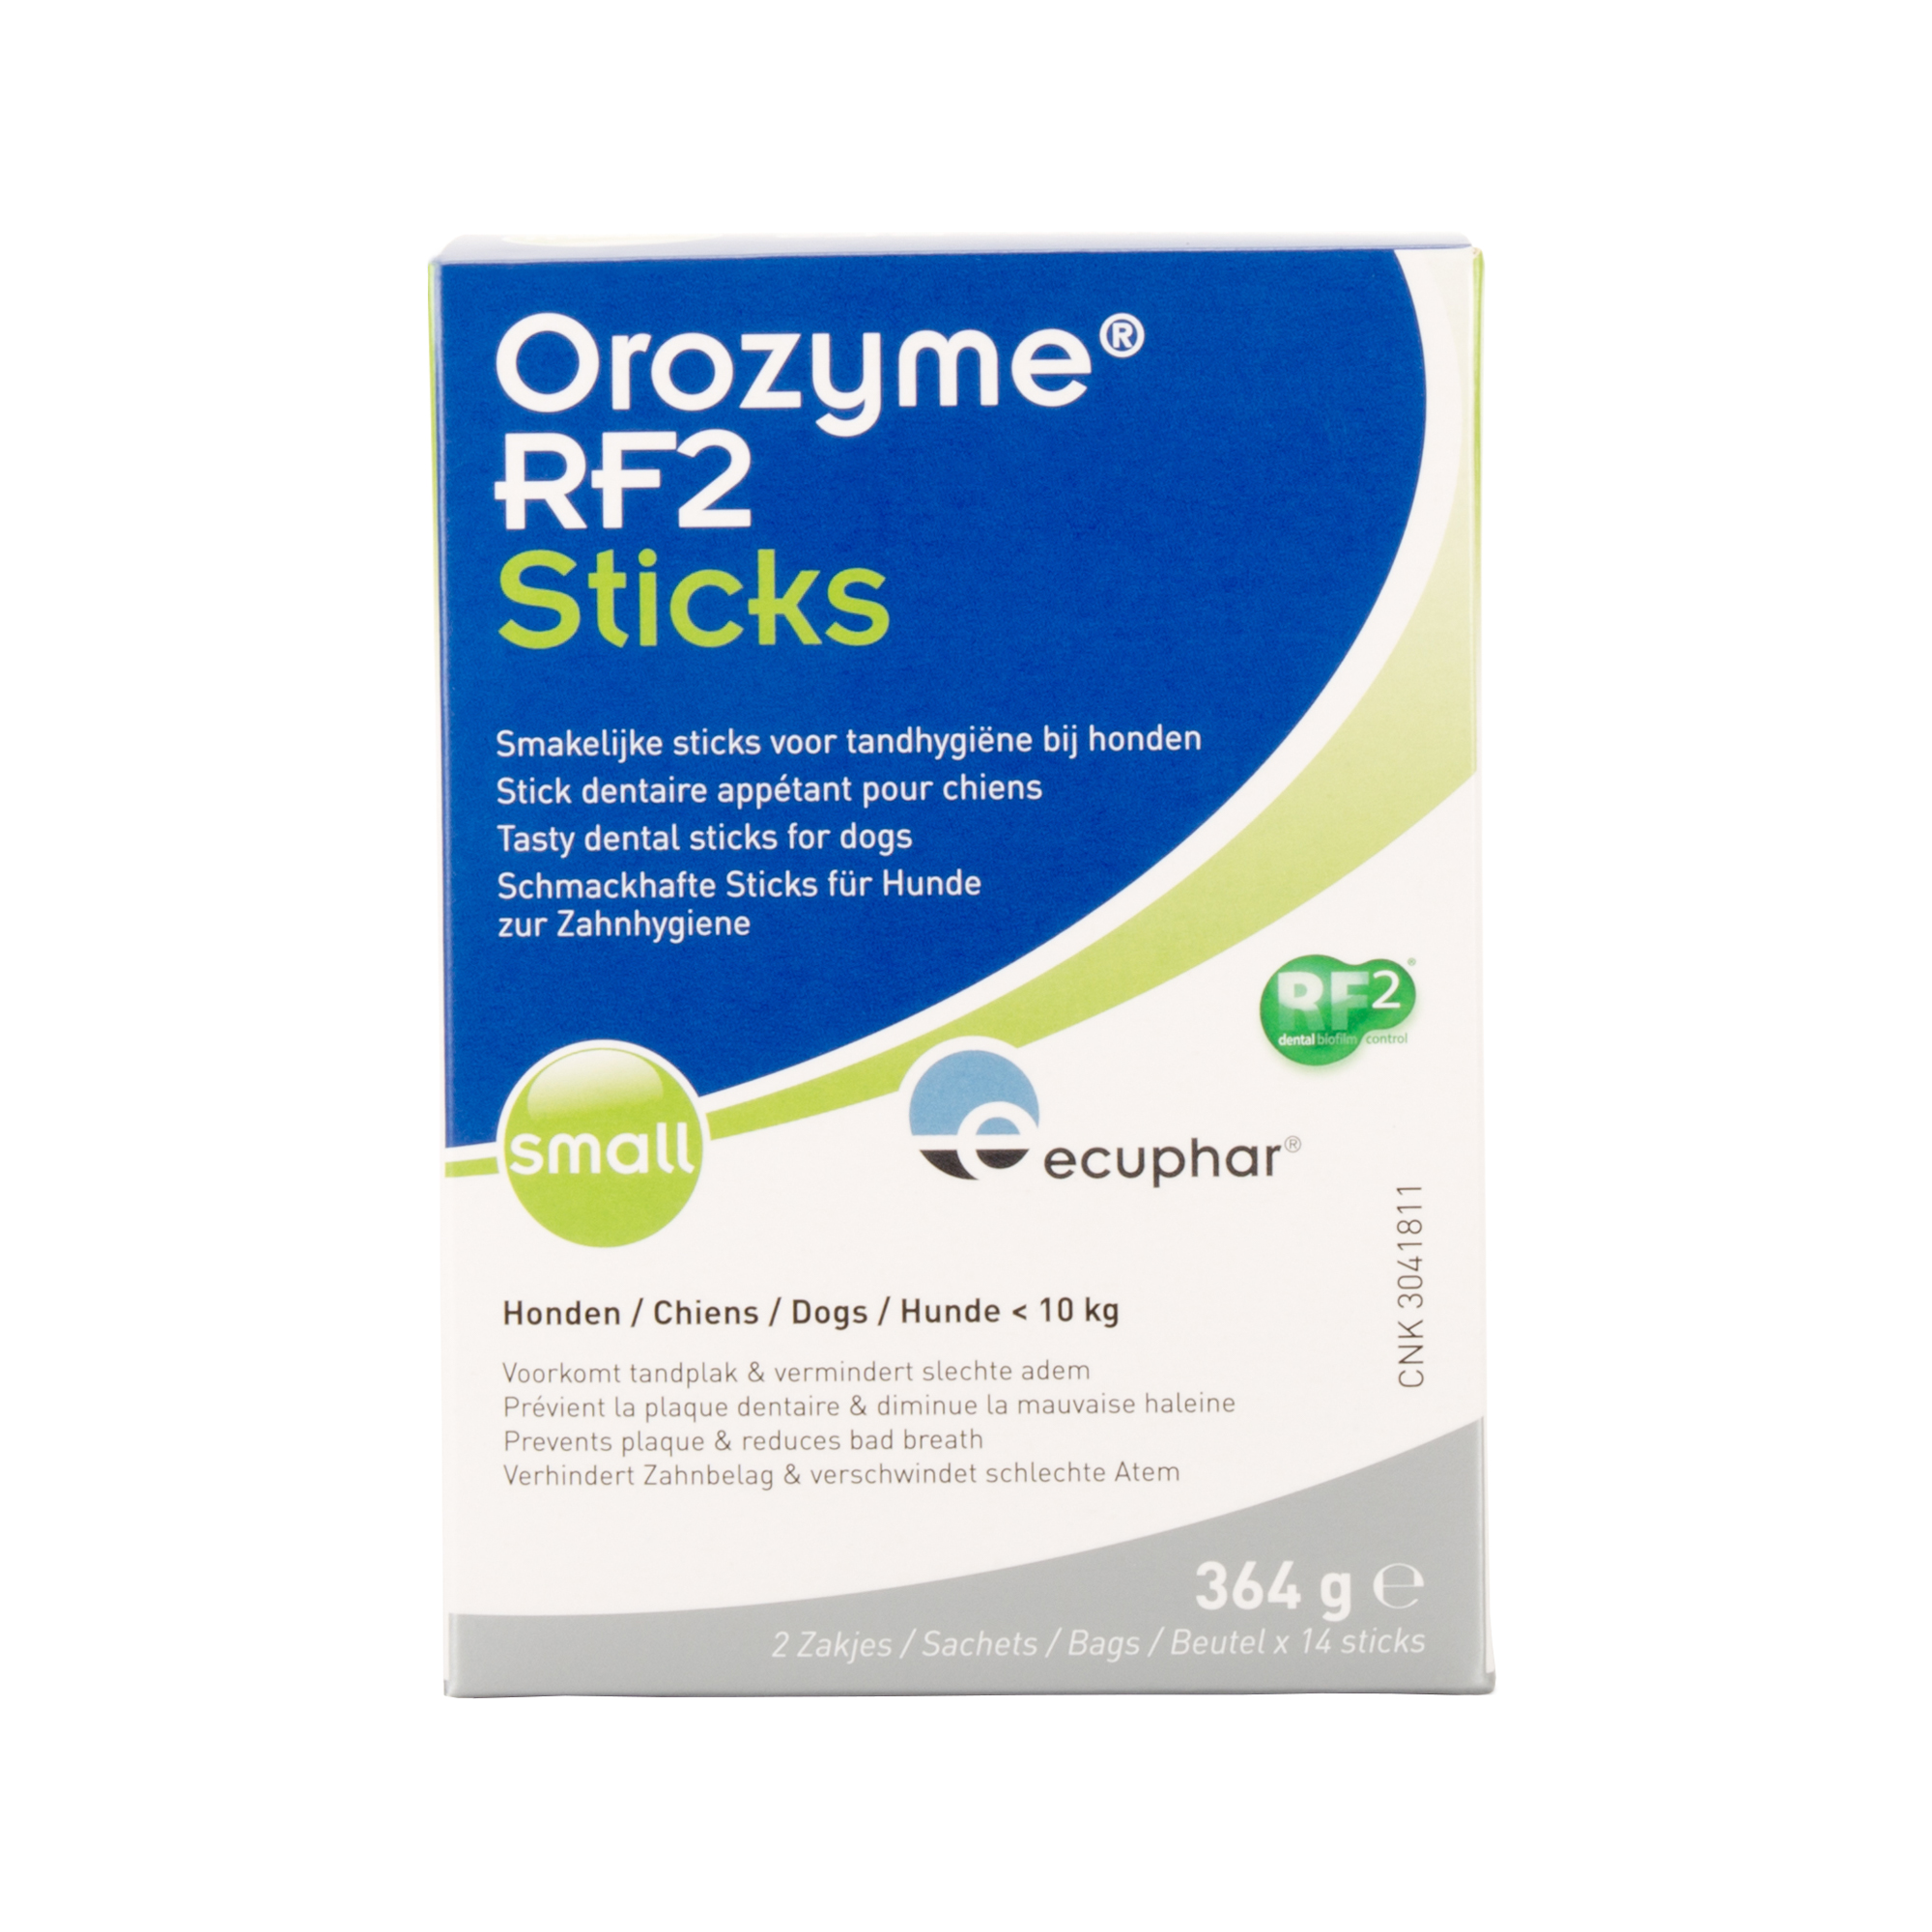 Orozyme RF2 Sticks - S